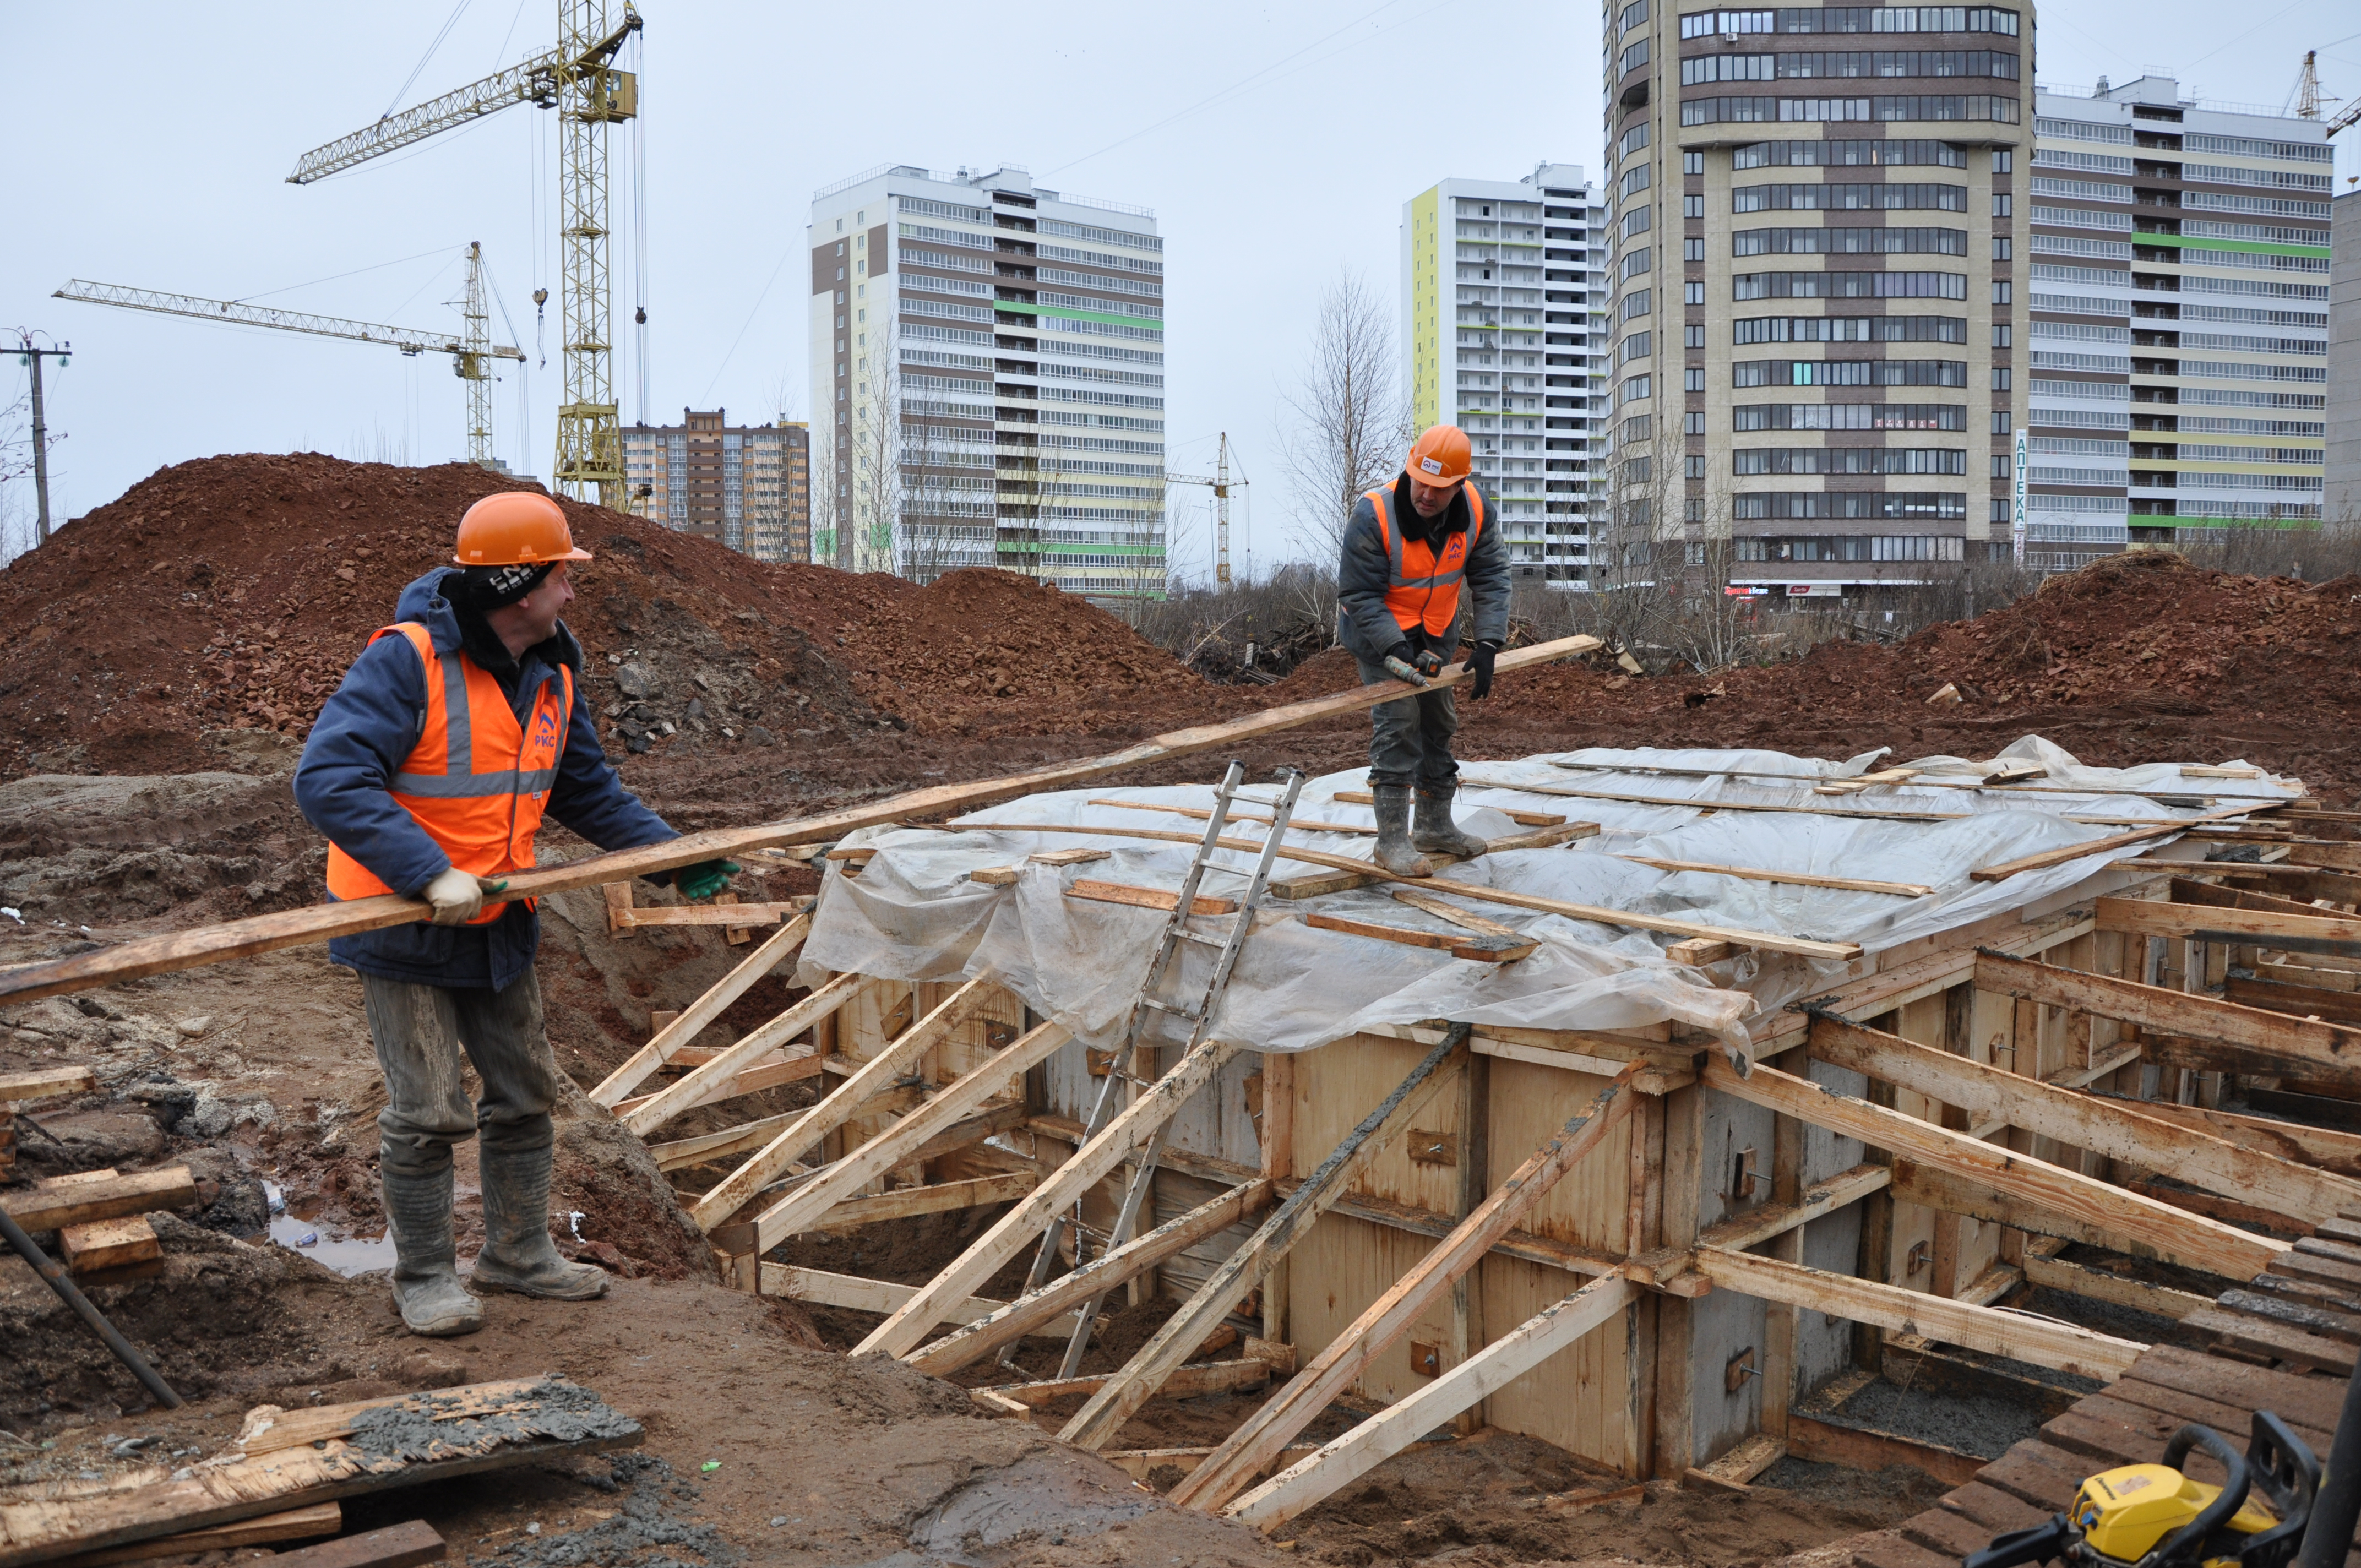 ККС развивают систему водоснабжения  в городе Кирове